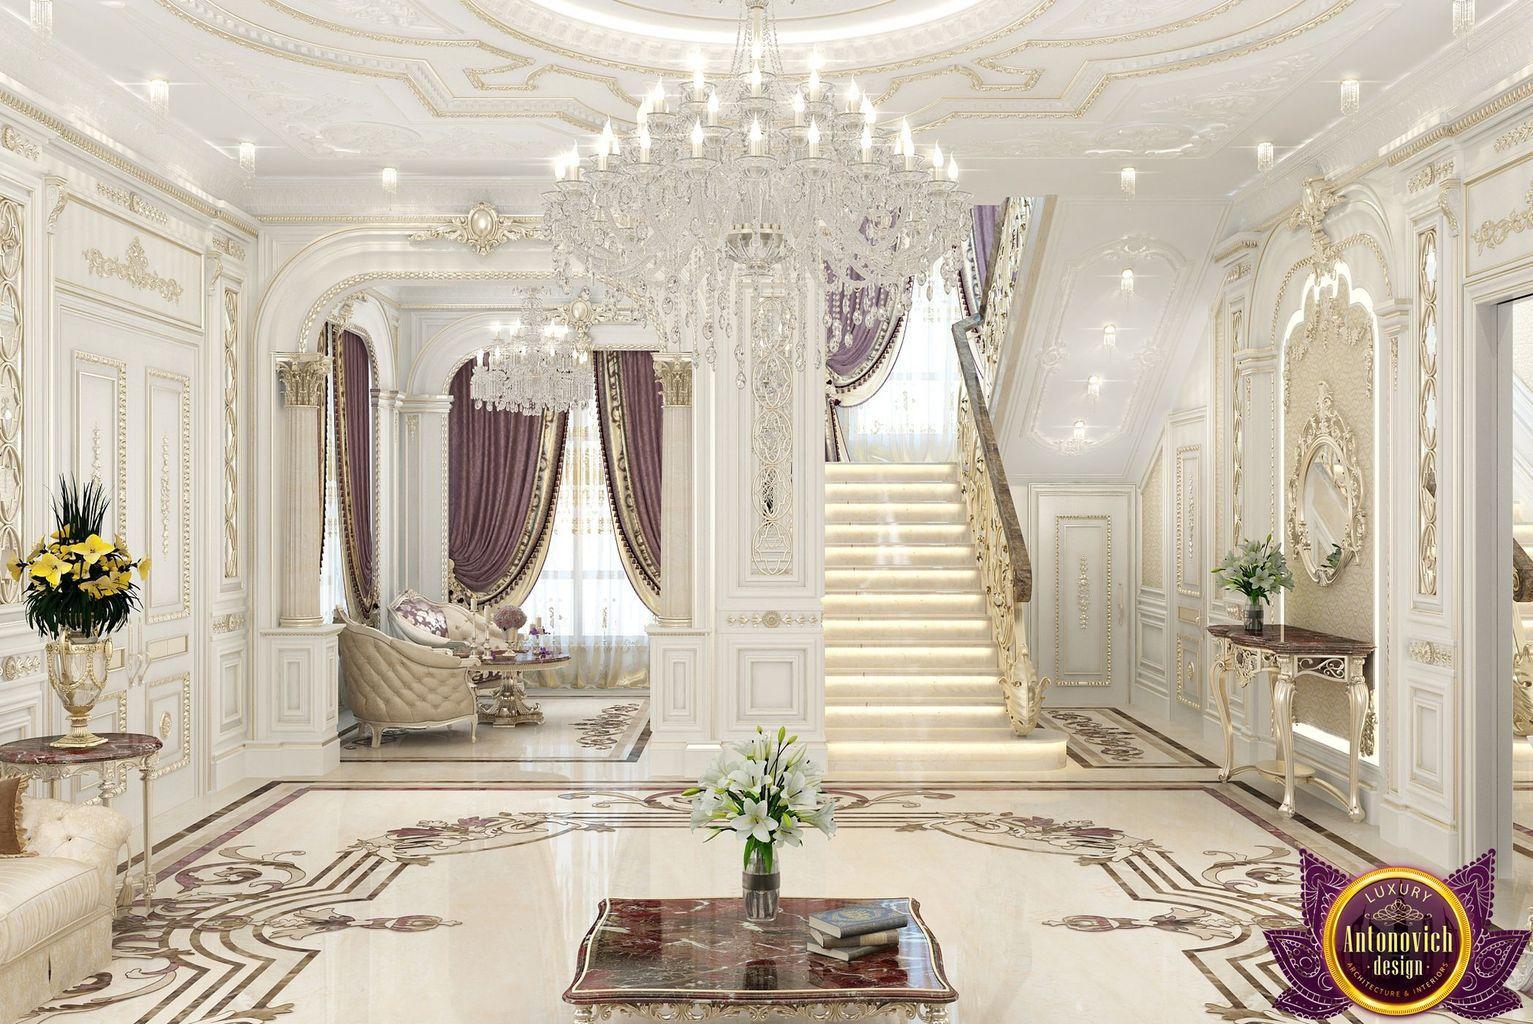 Most beautiful house Interiors from Katrina Antonovich